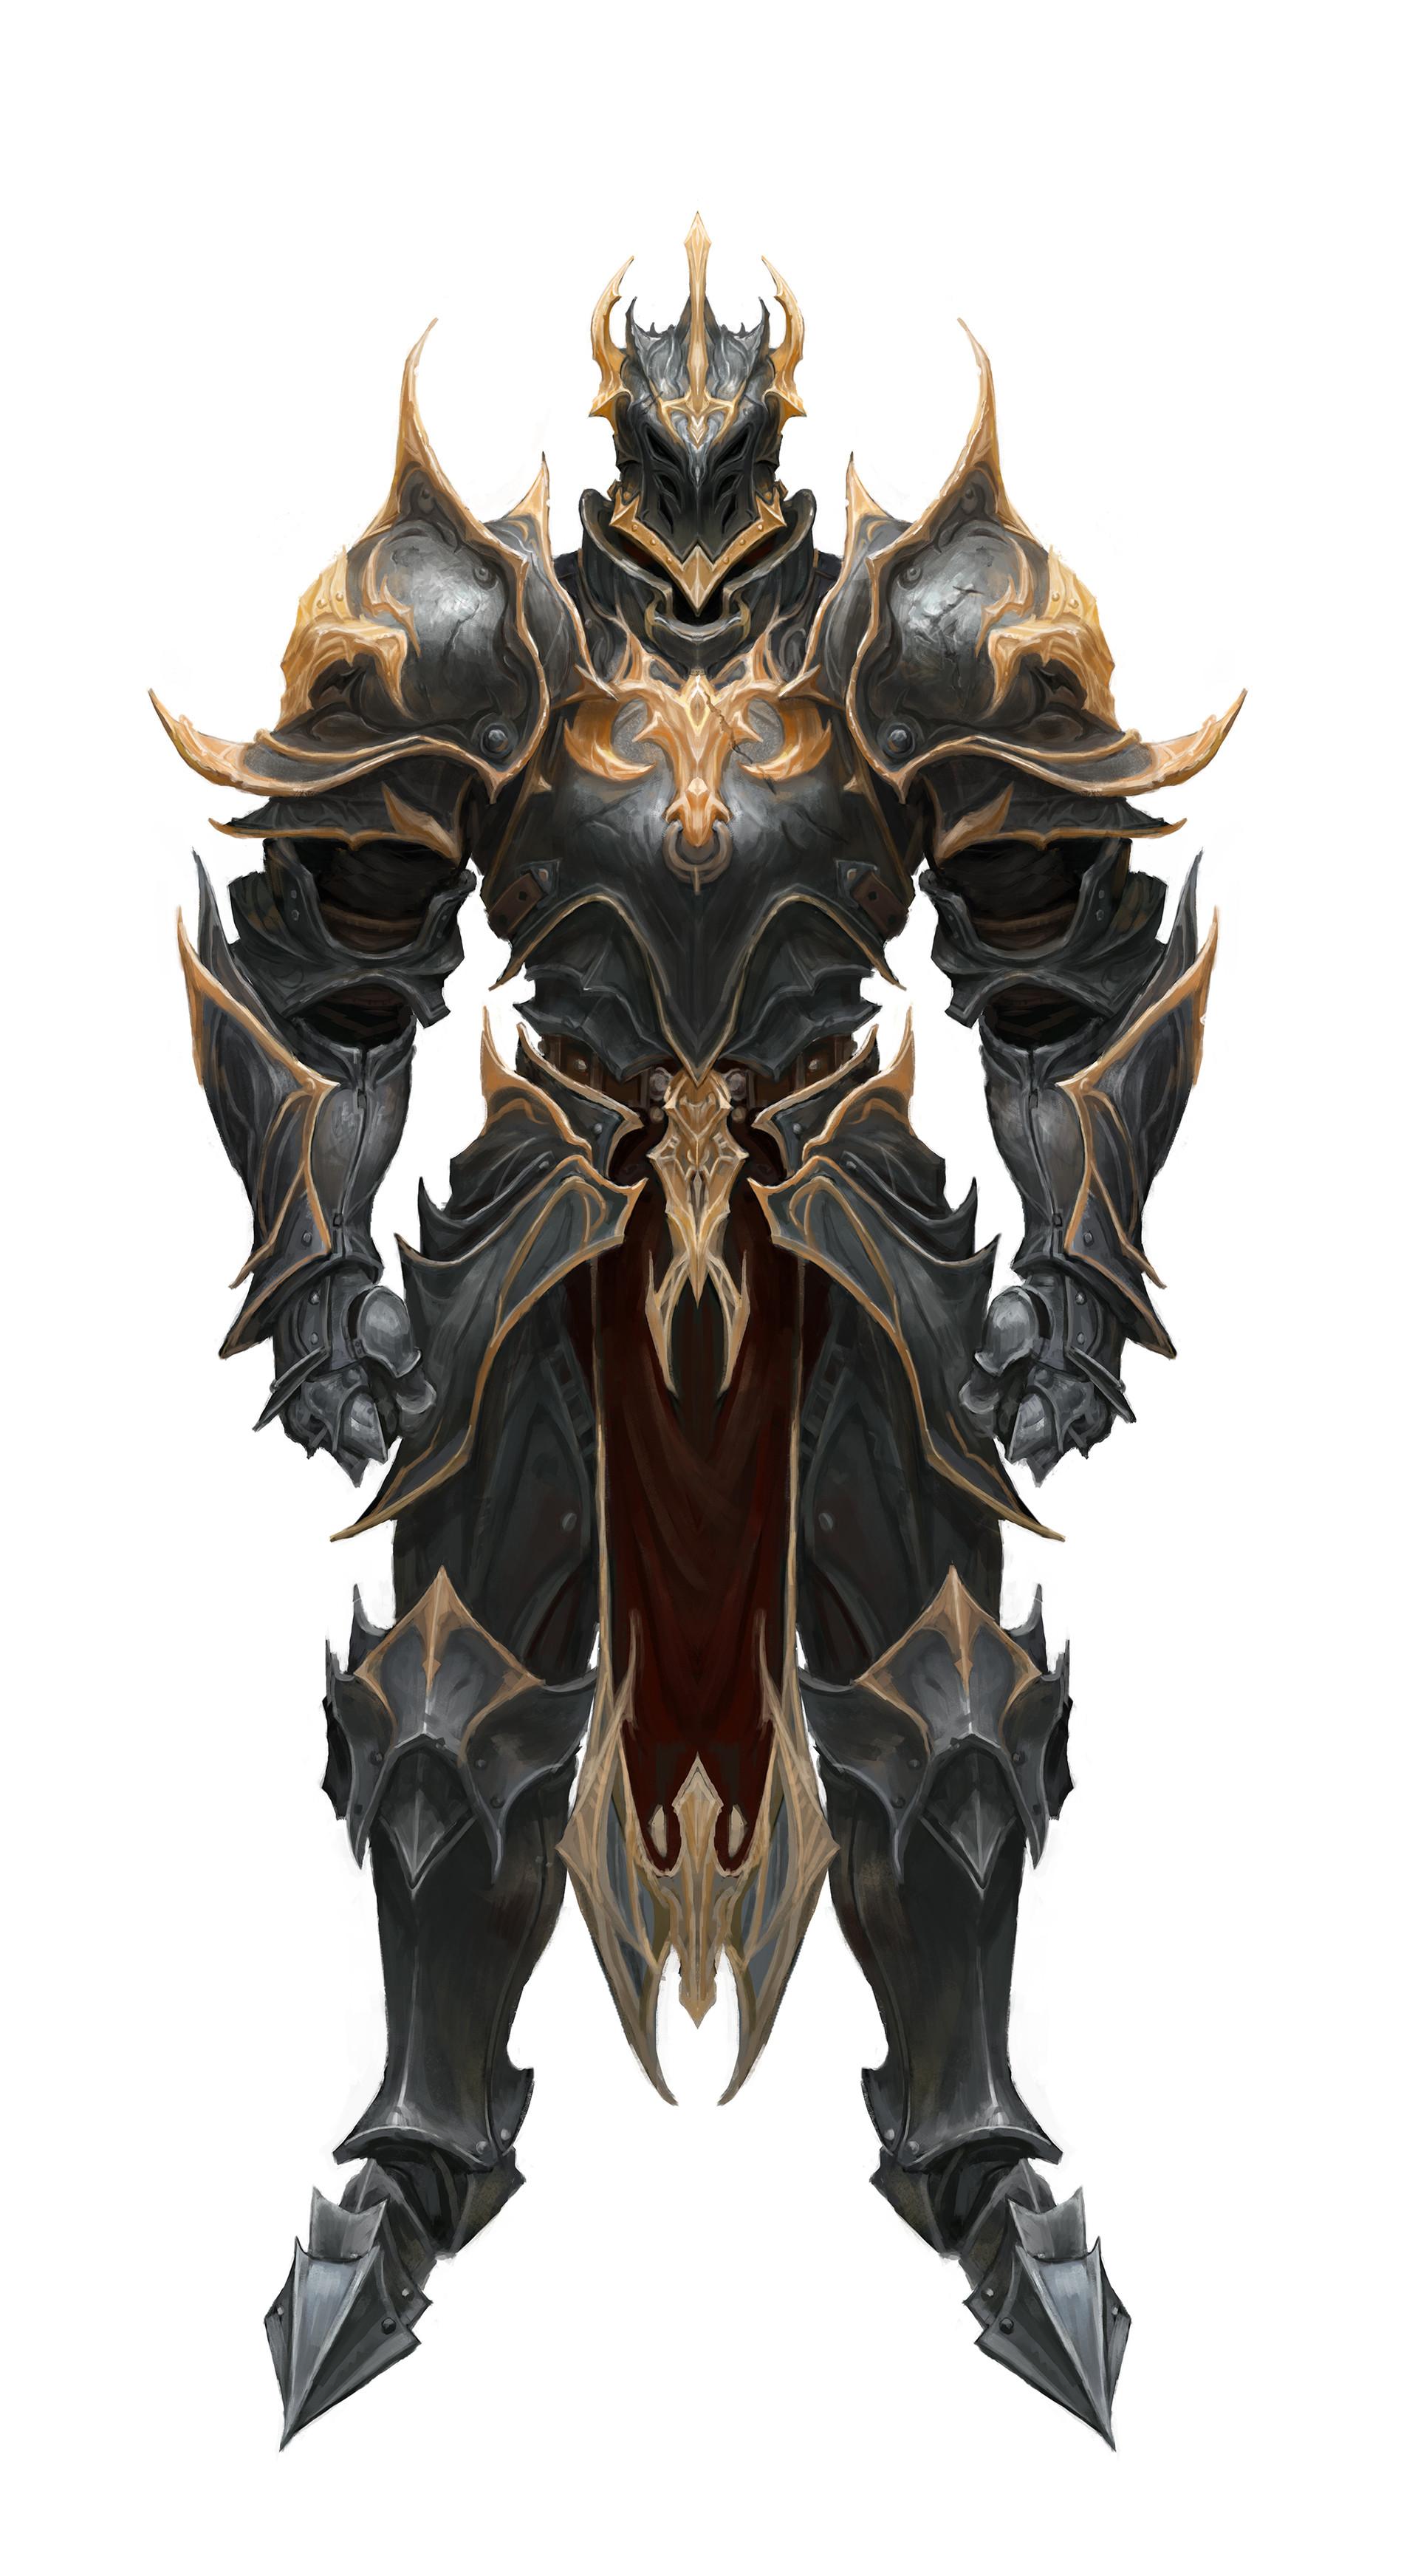 Cursed warrior 343/The Ornstien Elite